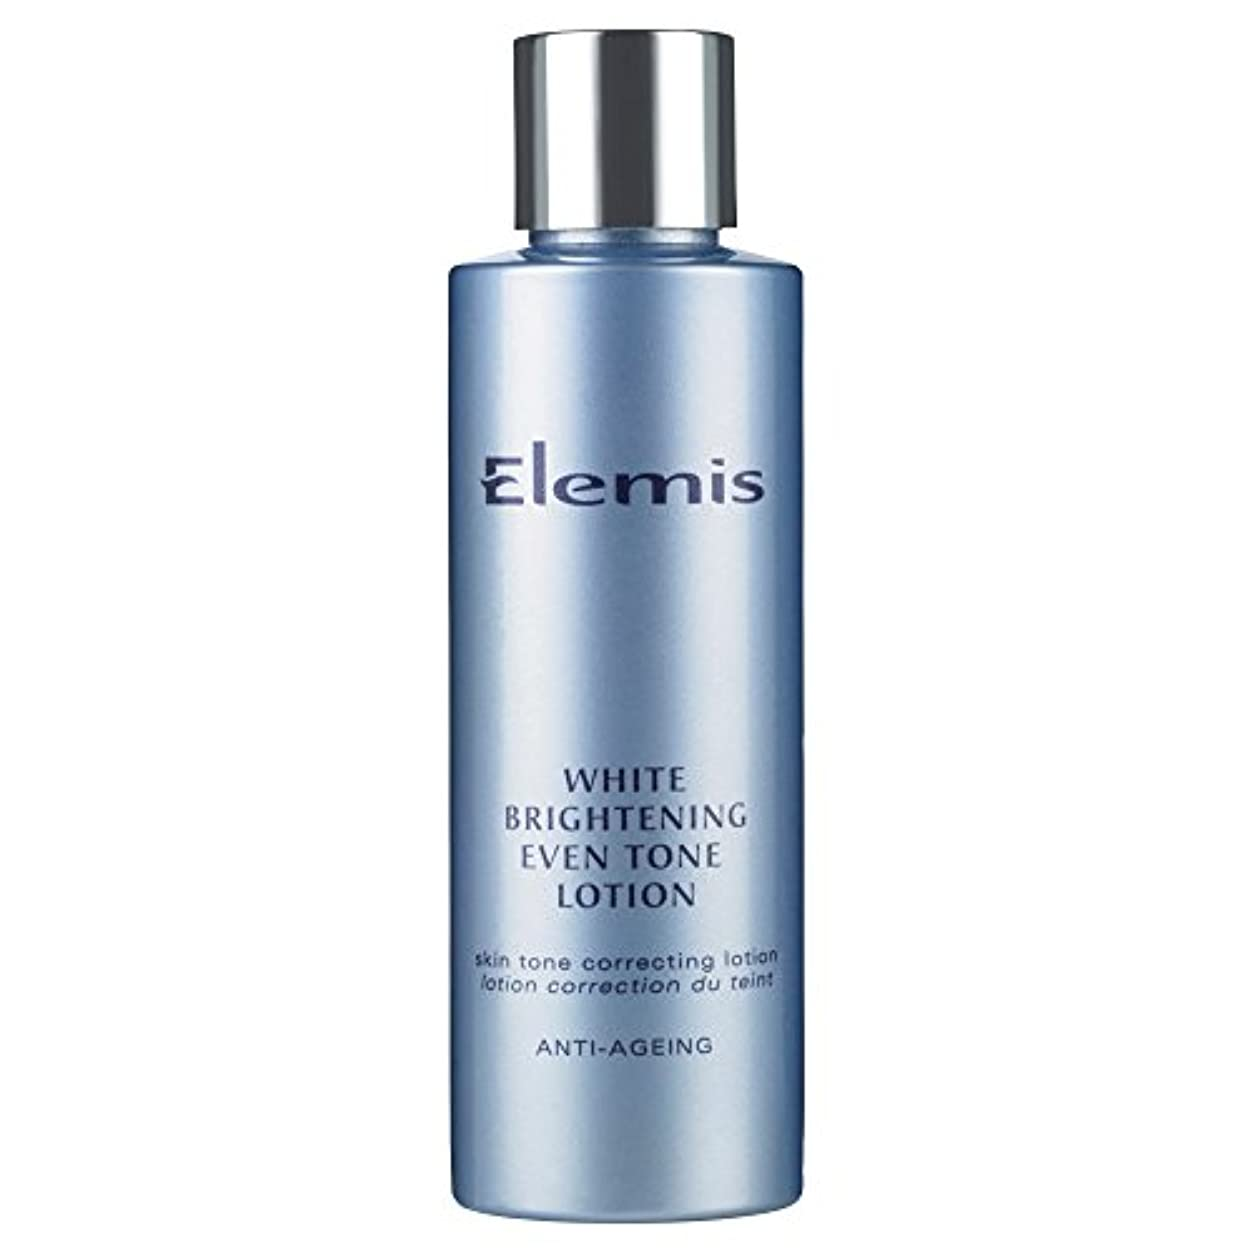 エレミス白い光沢さえトーンローション150ミリリットル (Elemis) - Elemis White Brightening Even Tone Lotion 150ml [並行輸入品]